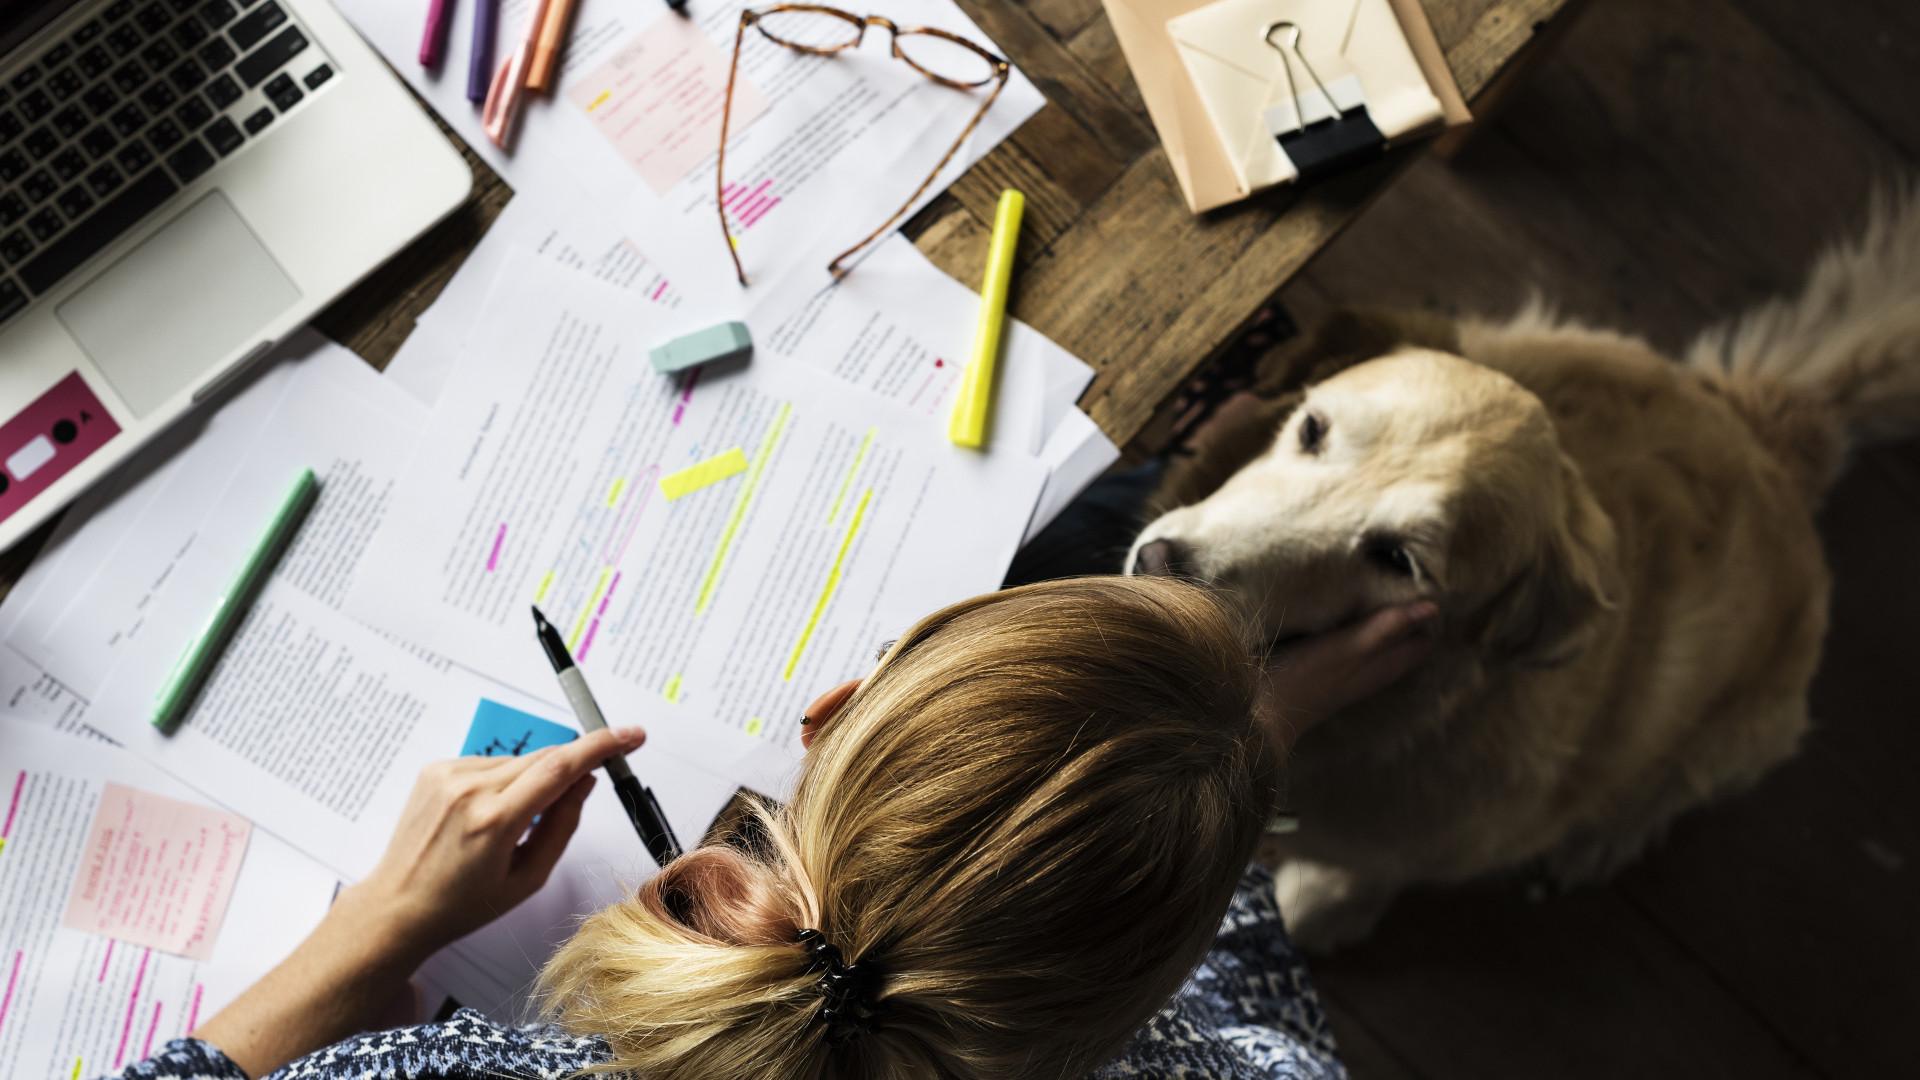 Animais de estimação ajudam a aliviar stress no meio académico